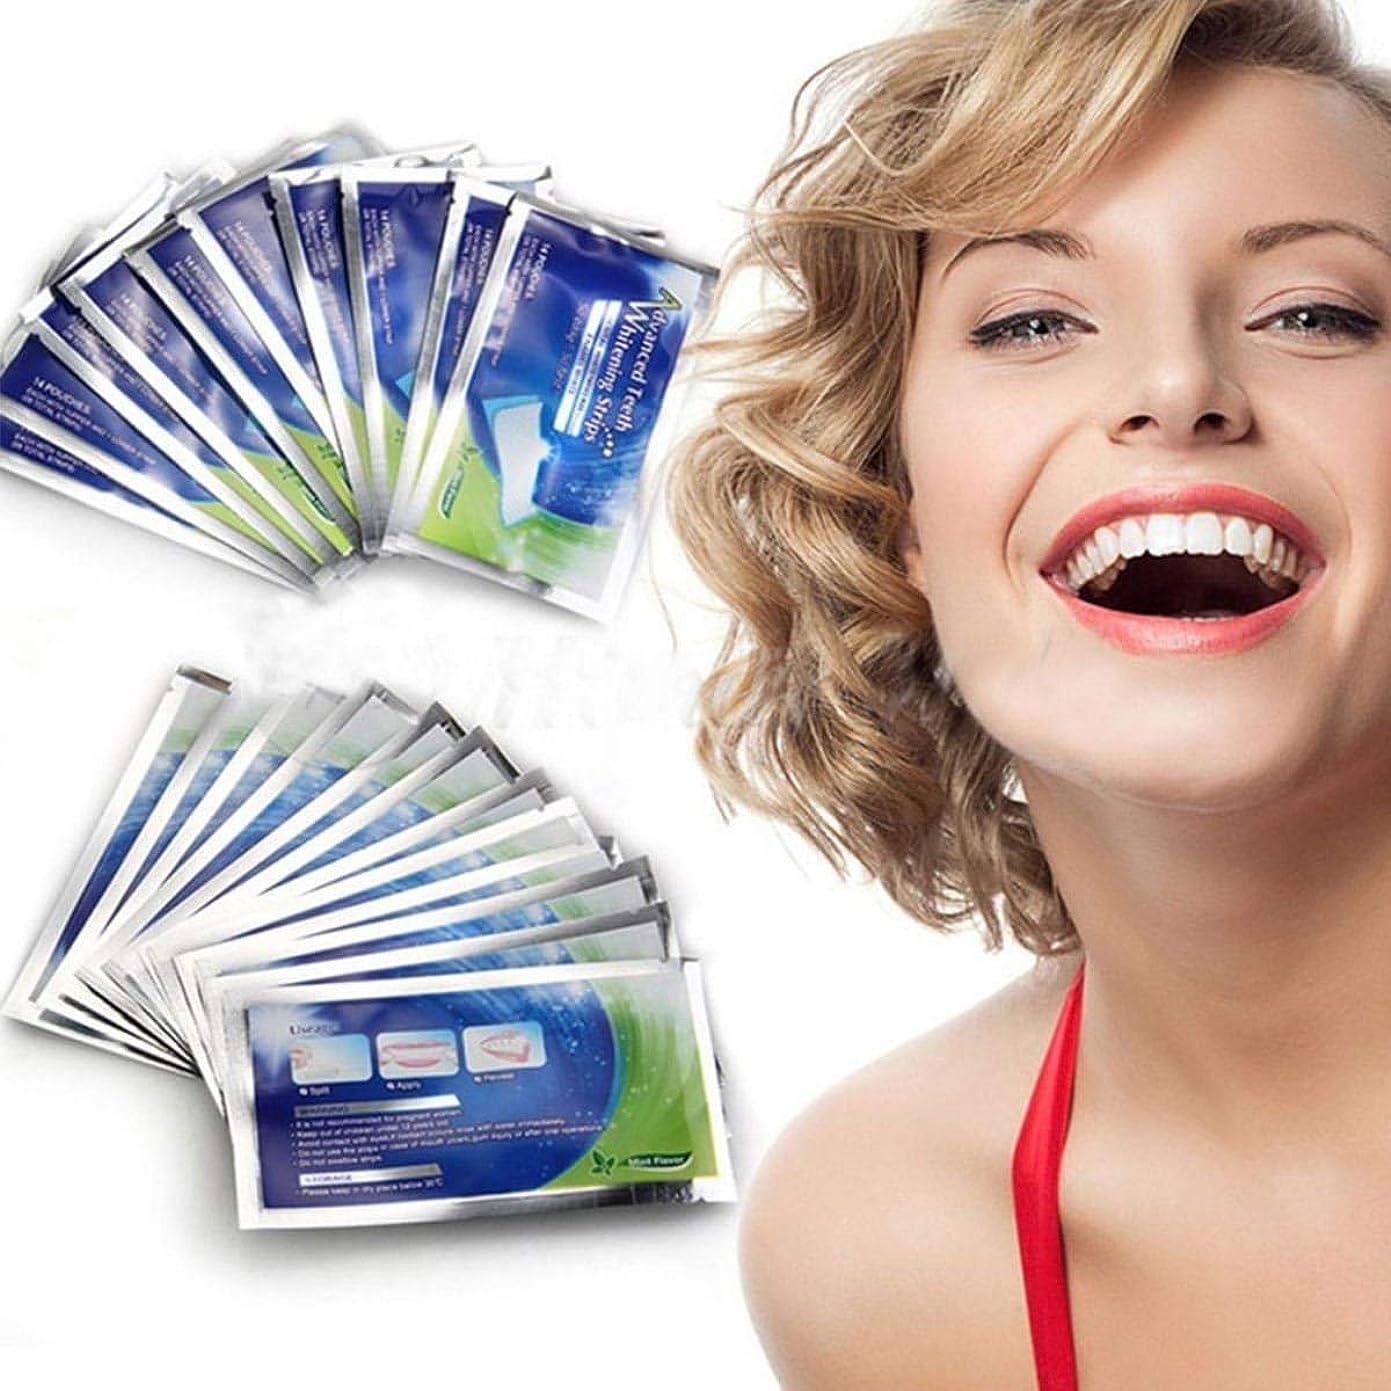 本質的ではない共産主義者フクロウ歯ケア 歯を白 歯 ホワイトニング 歯 マニキュア 14セット ホワイトニング歯磨き粉(28個) …